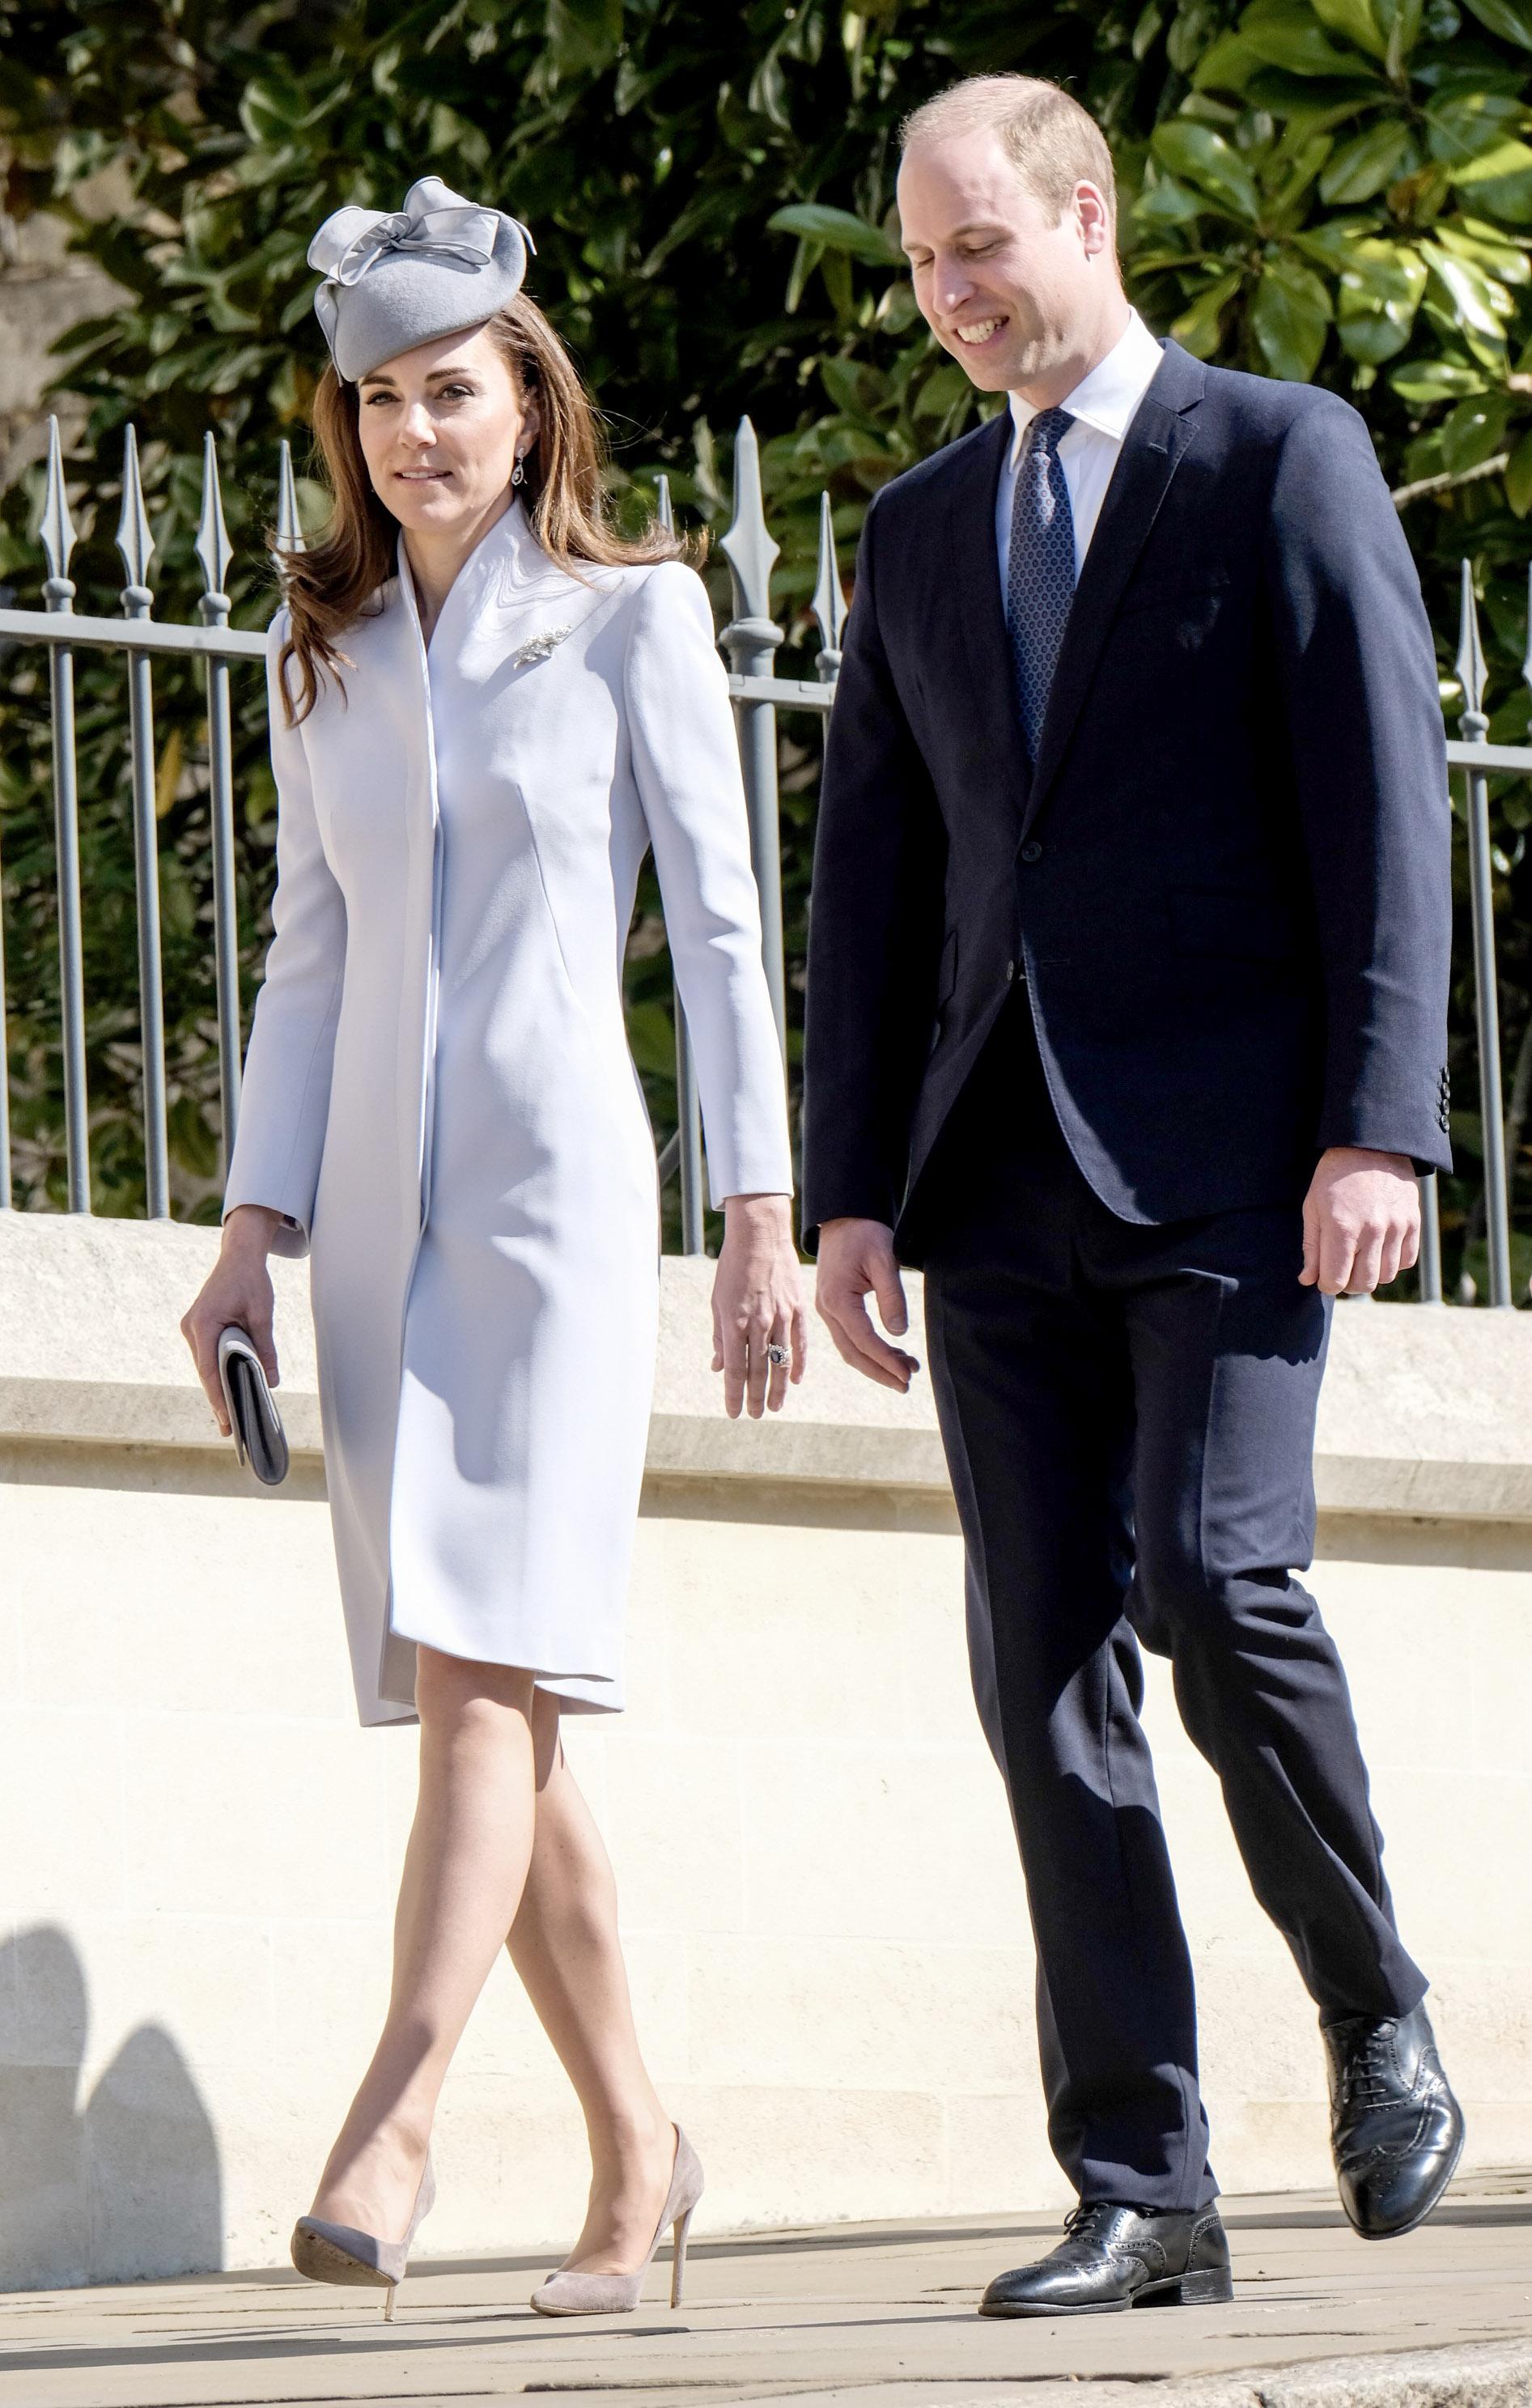 Unde a locuit Kate Middleton înainte de a se căsători cu Prințul William?